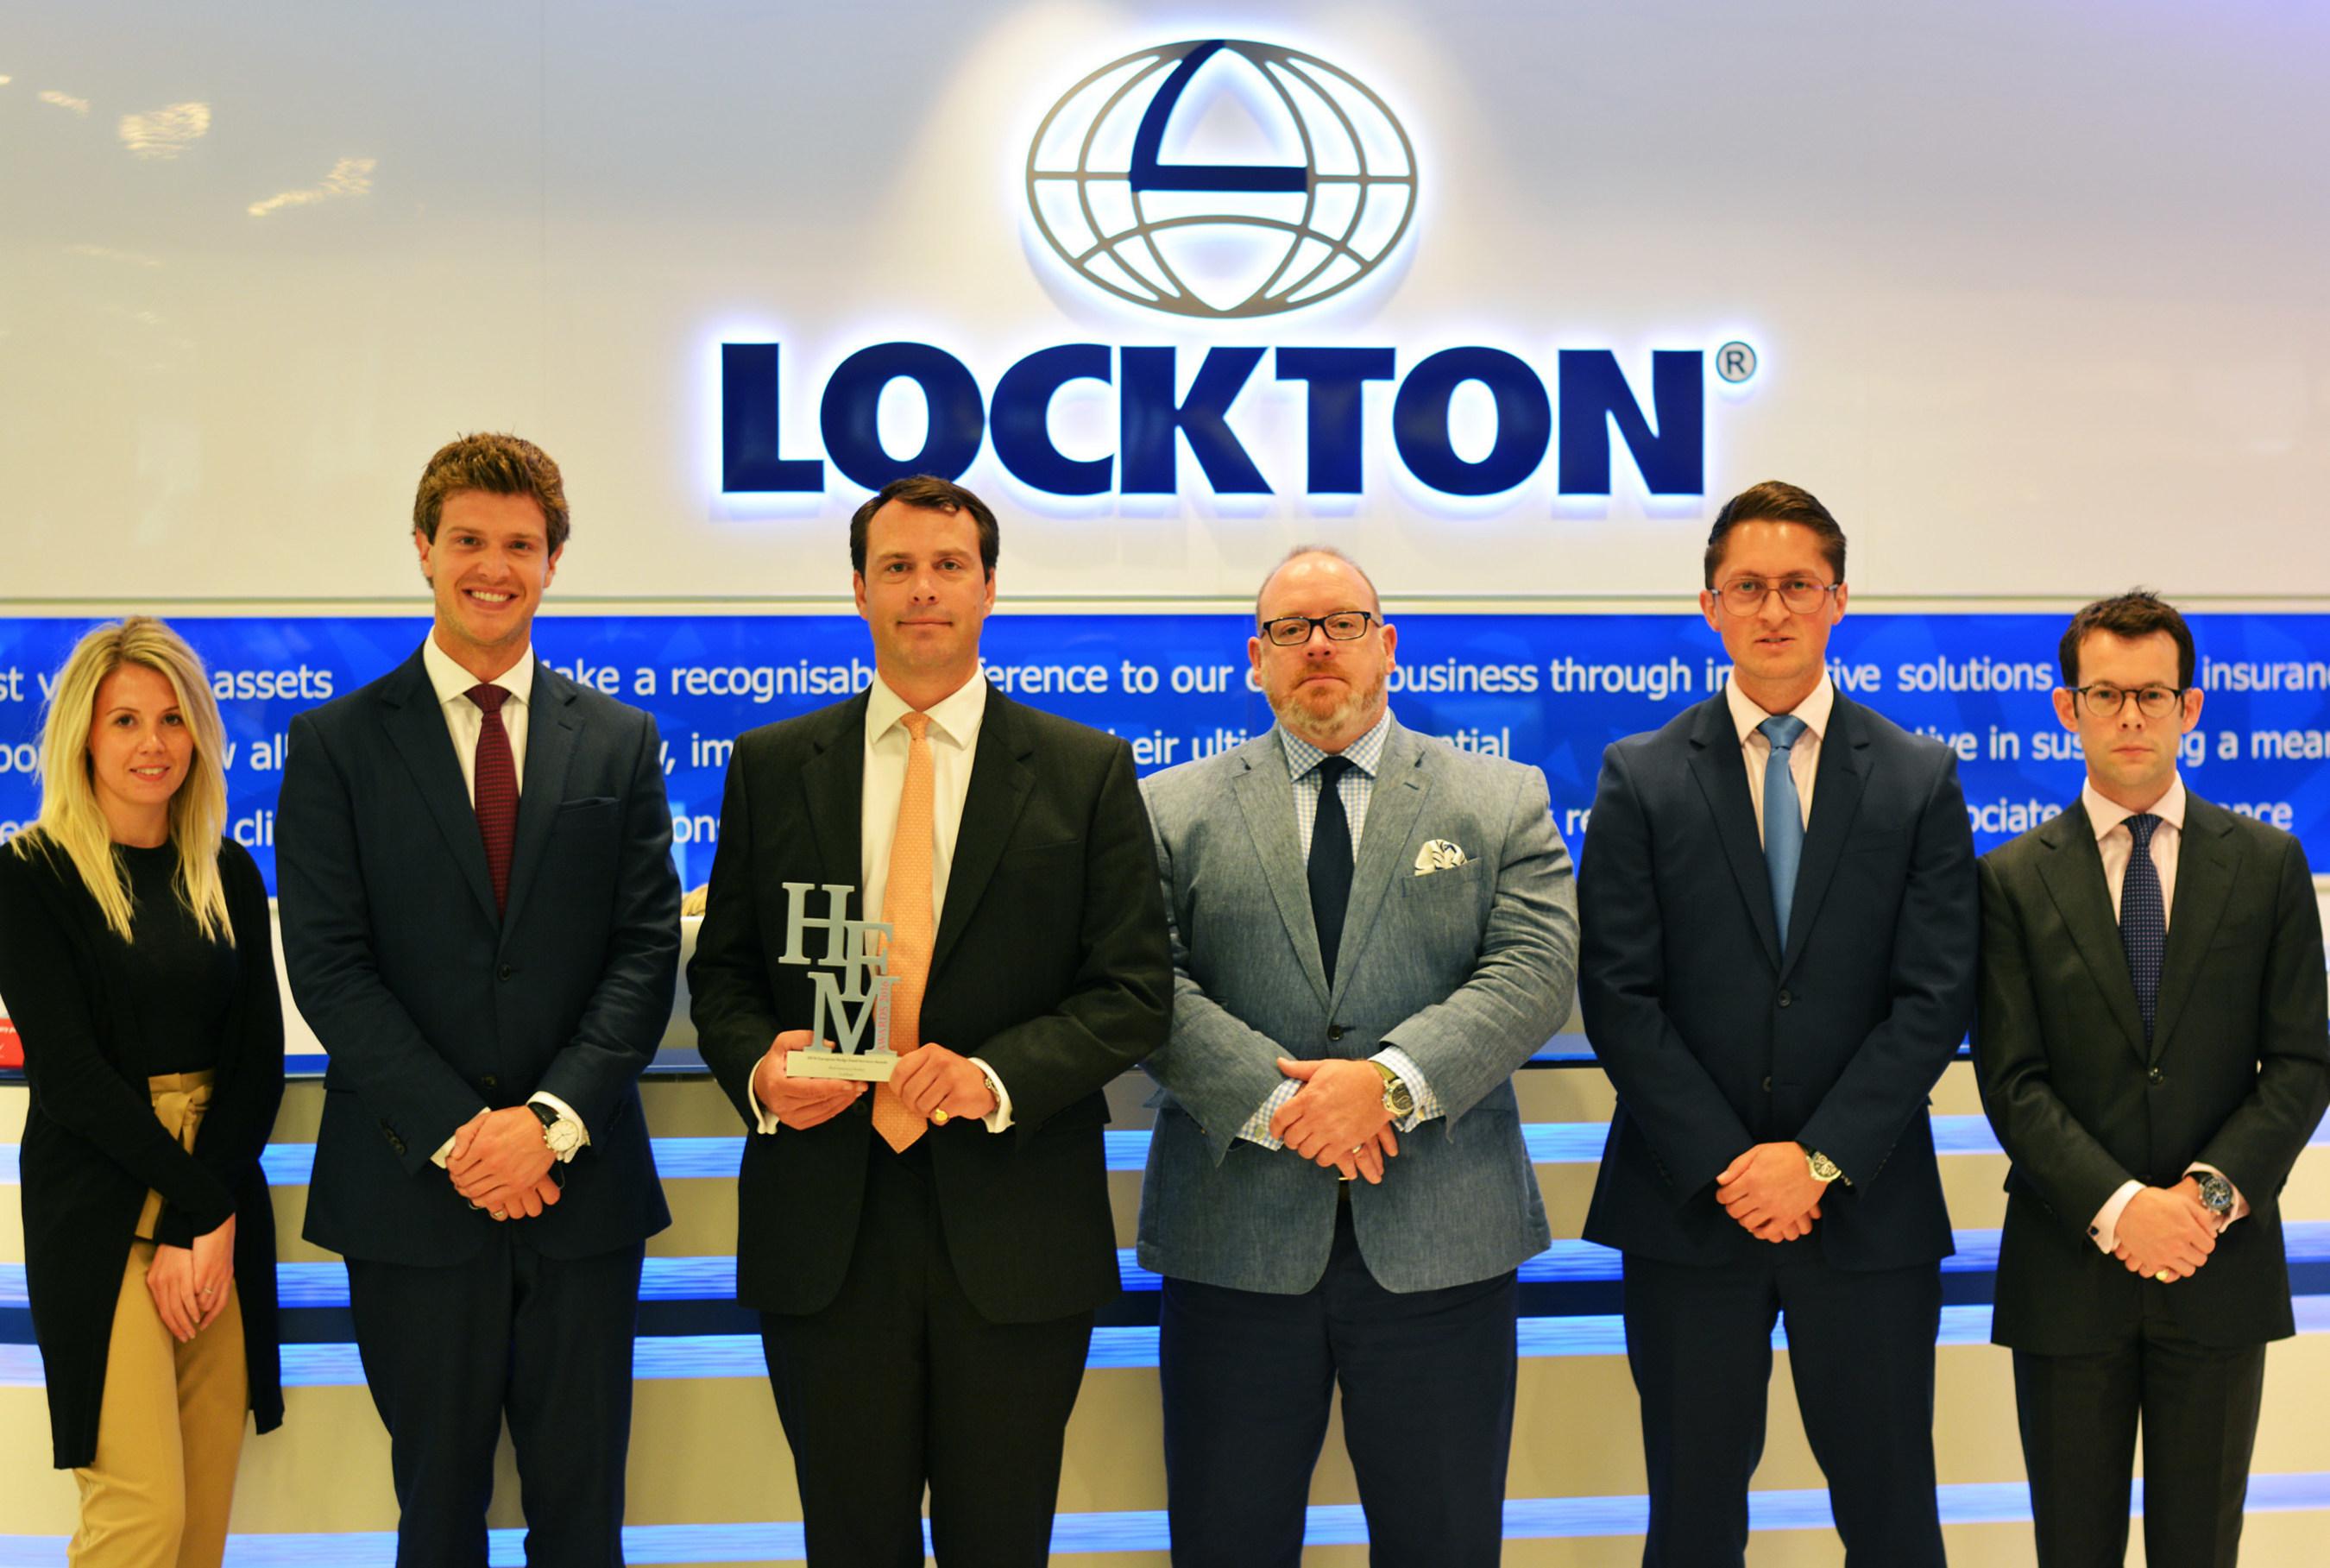 Lockton S London Based Asset Management Team Named Best Insurance